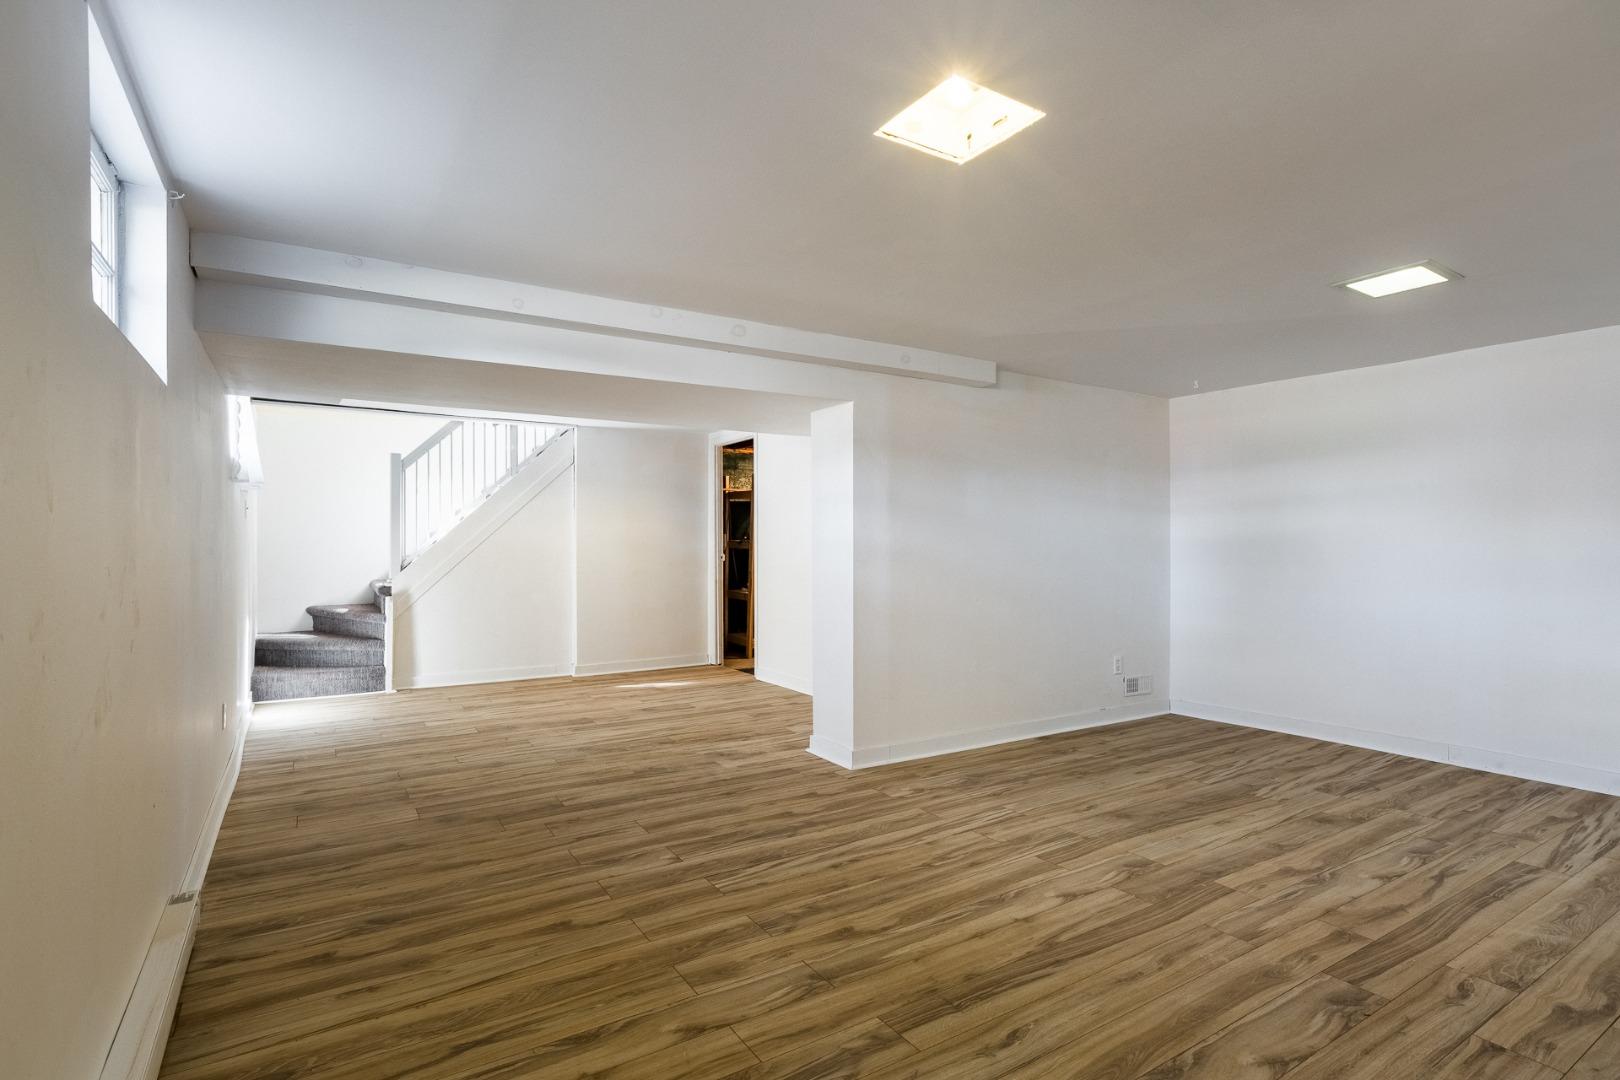 Maison à vendre_-_4351_rue_gilles_-_pierrefonds_-_steve_rouleau_-_al20.jpg